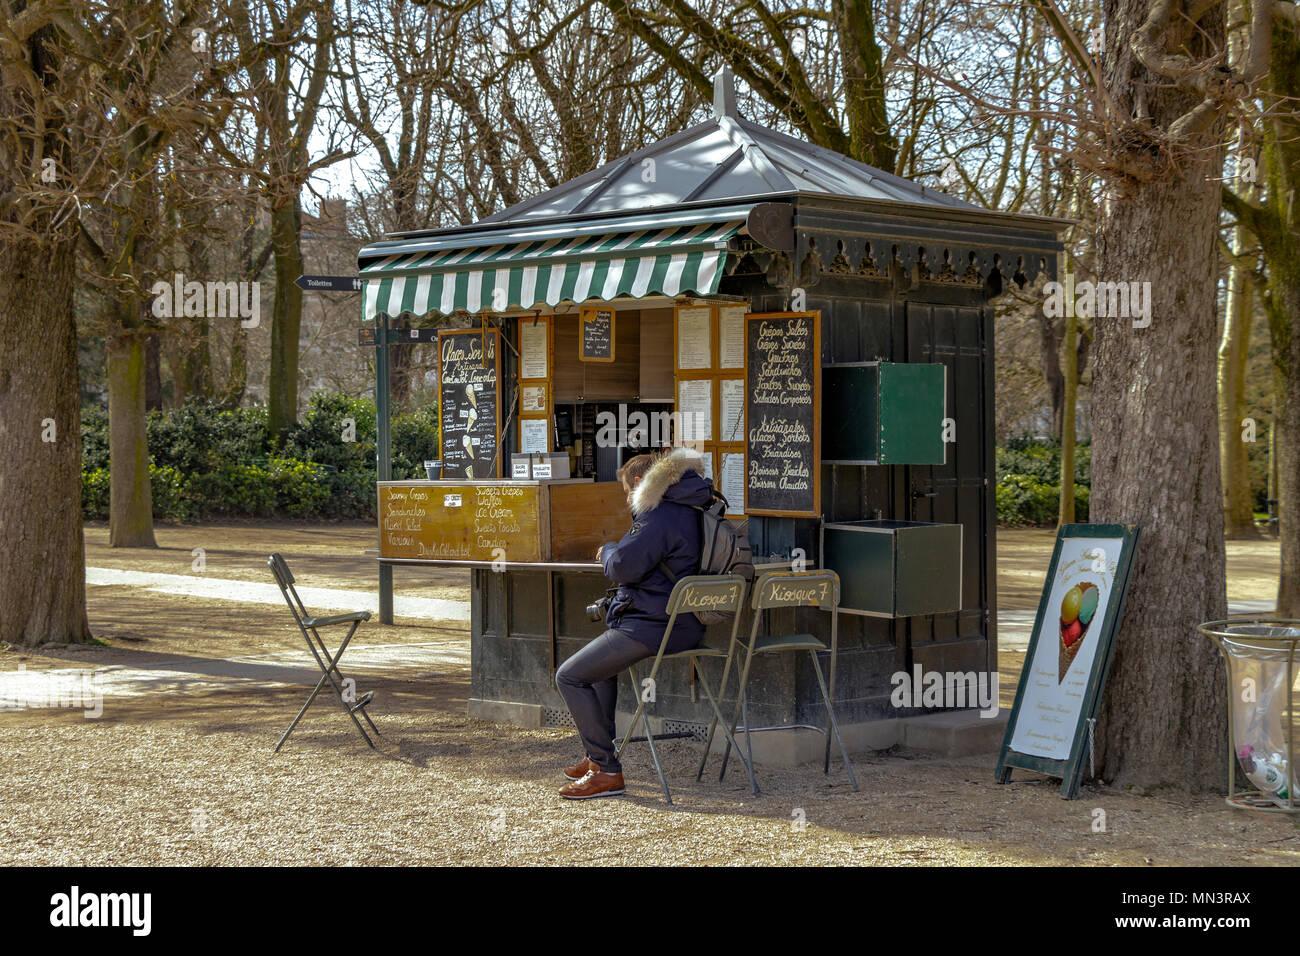 Outside Kiosk Stockfotos & Outside Kiosk Bilder - Alamy